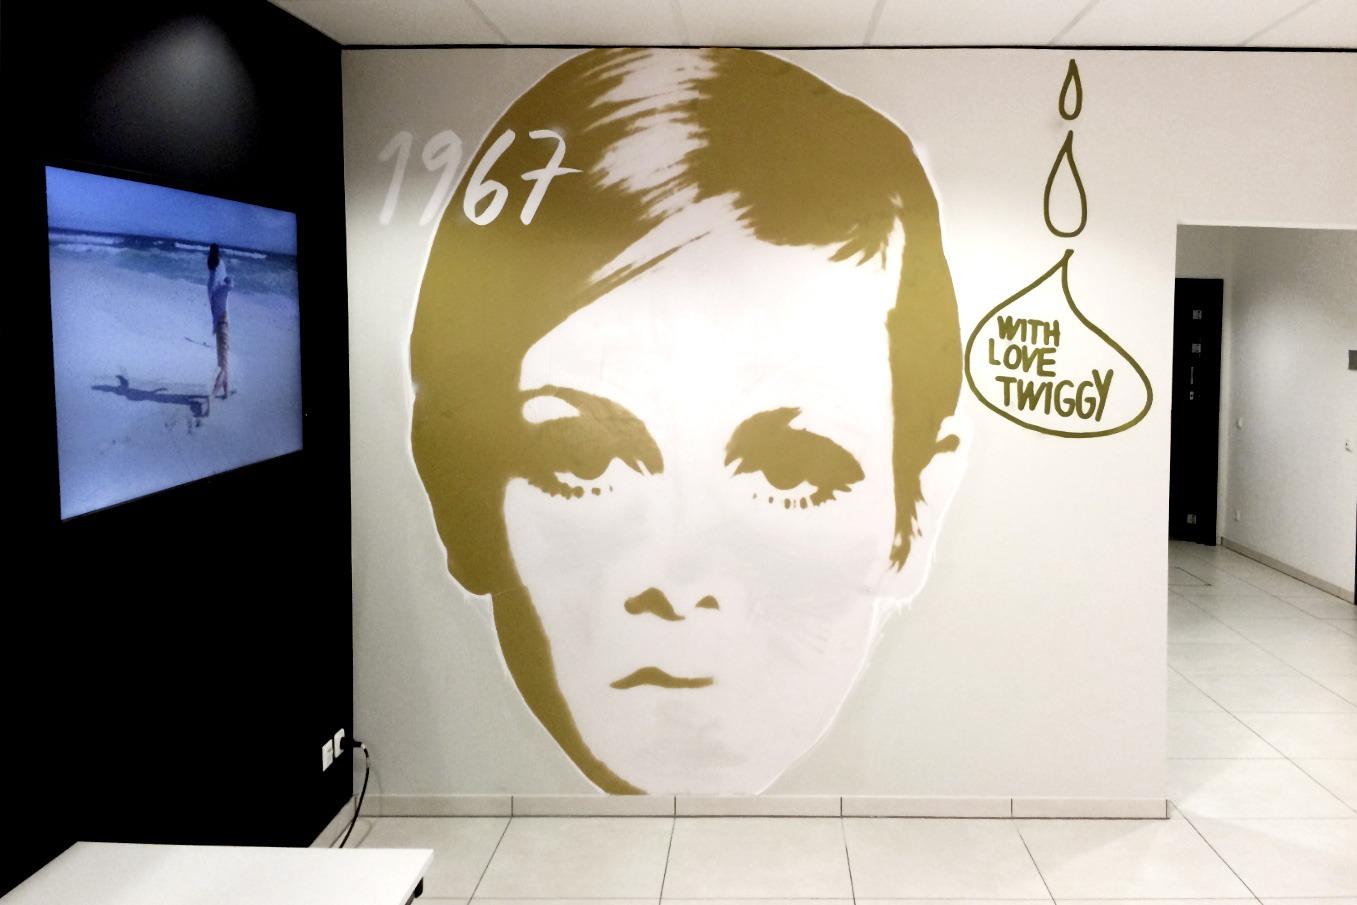 graffitiauftrag-graffitikuenstler-artmos4-CundA_2015_silhouetten_Menschen_grafisch_schrift_innen_gold_folie_Mode